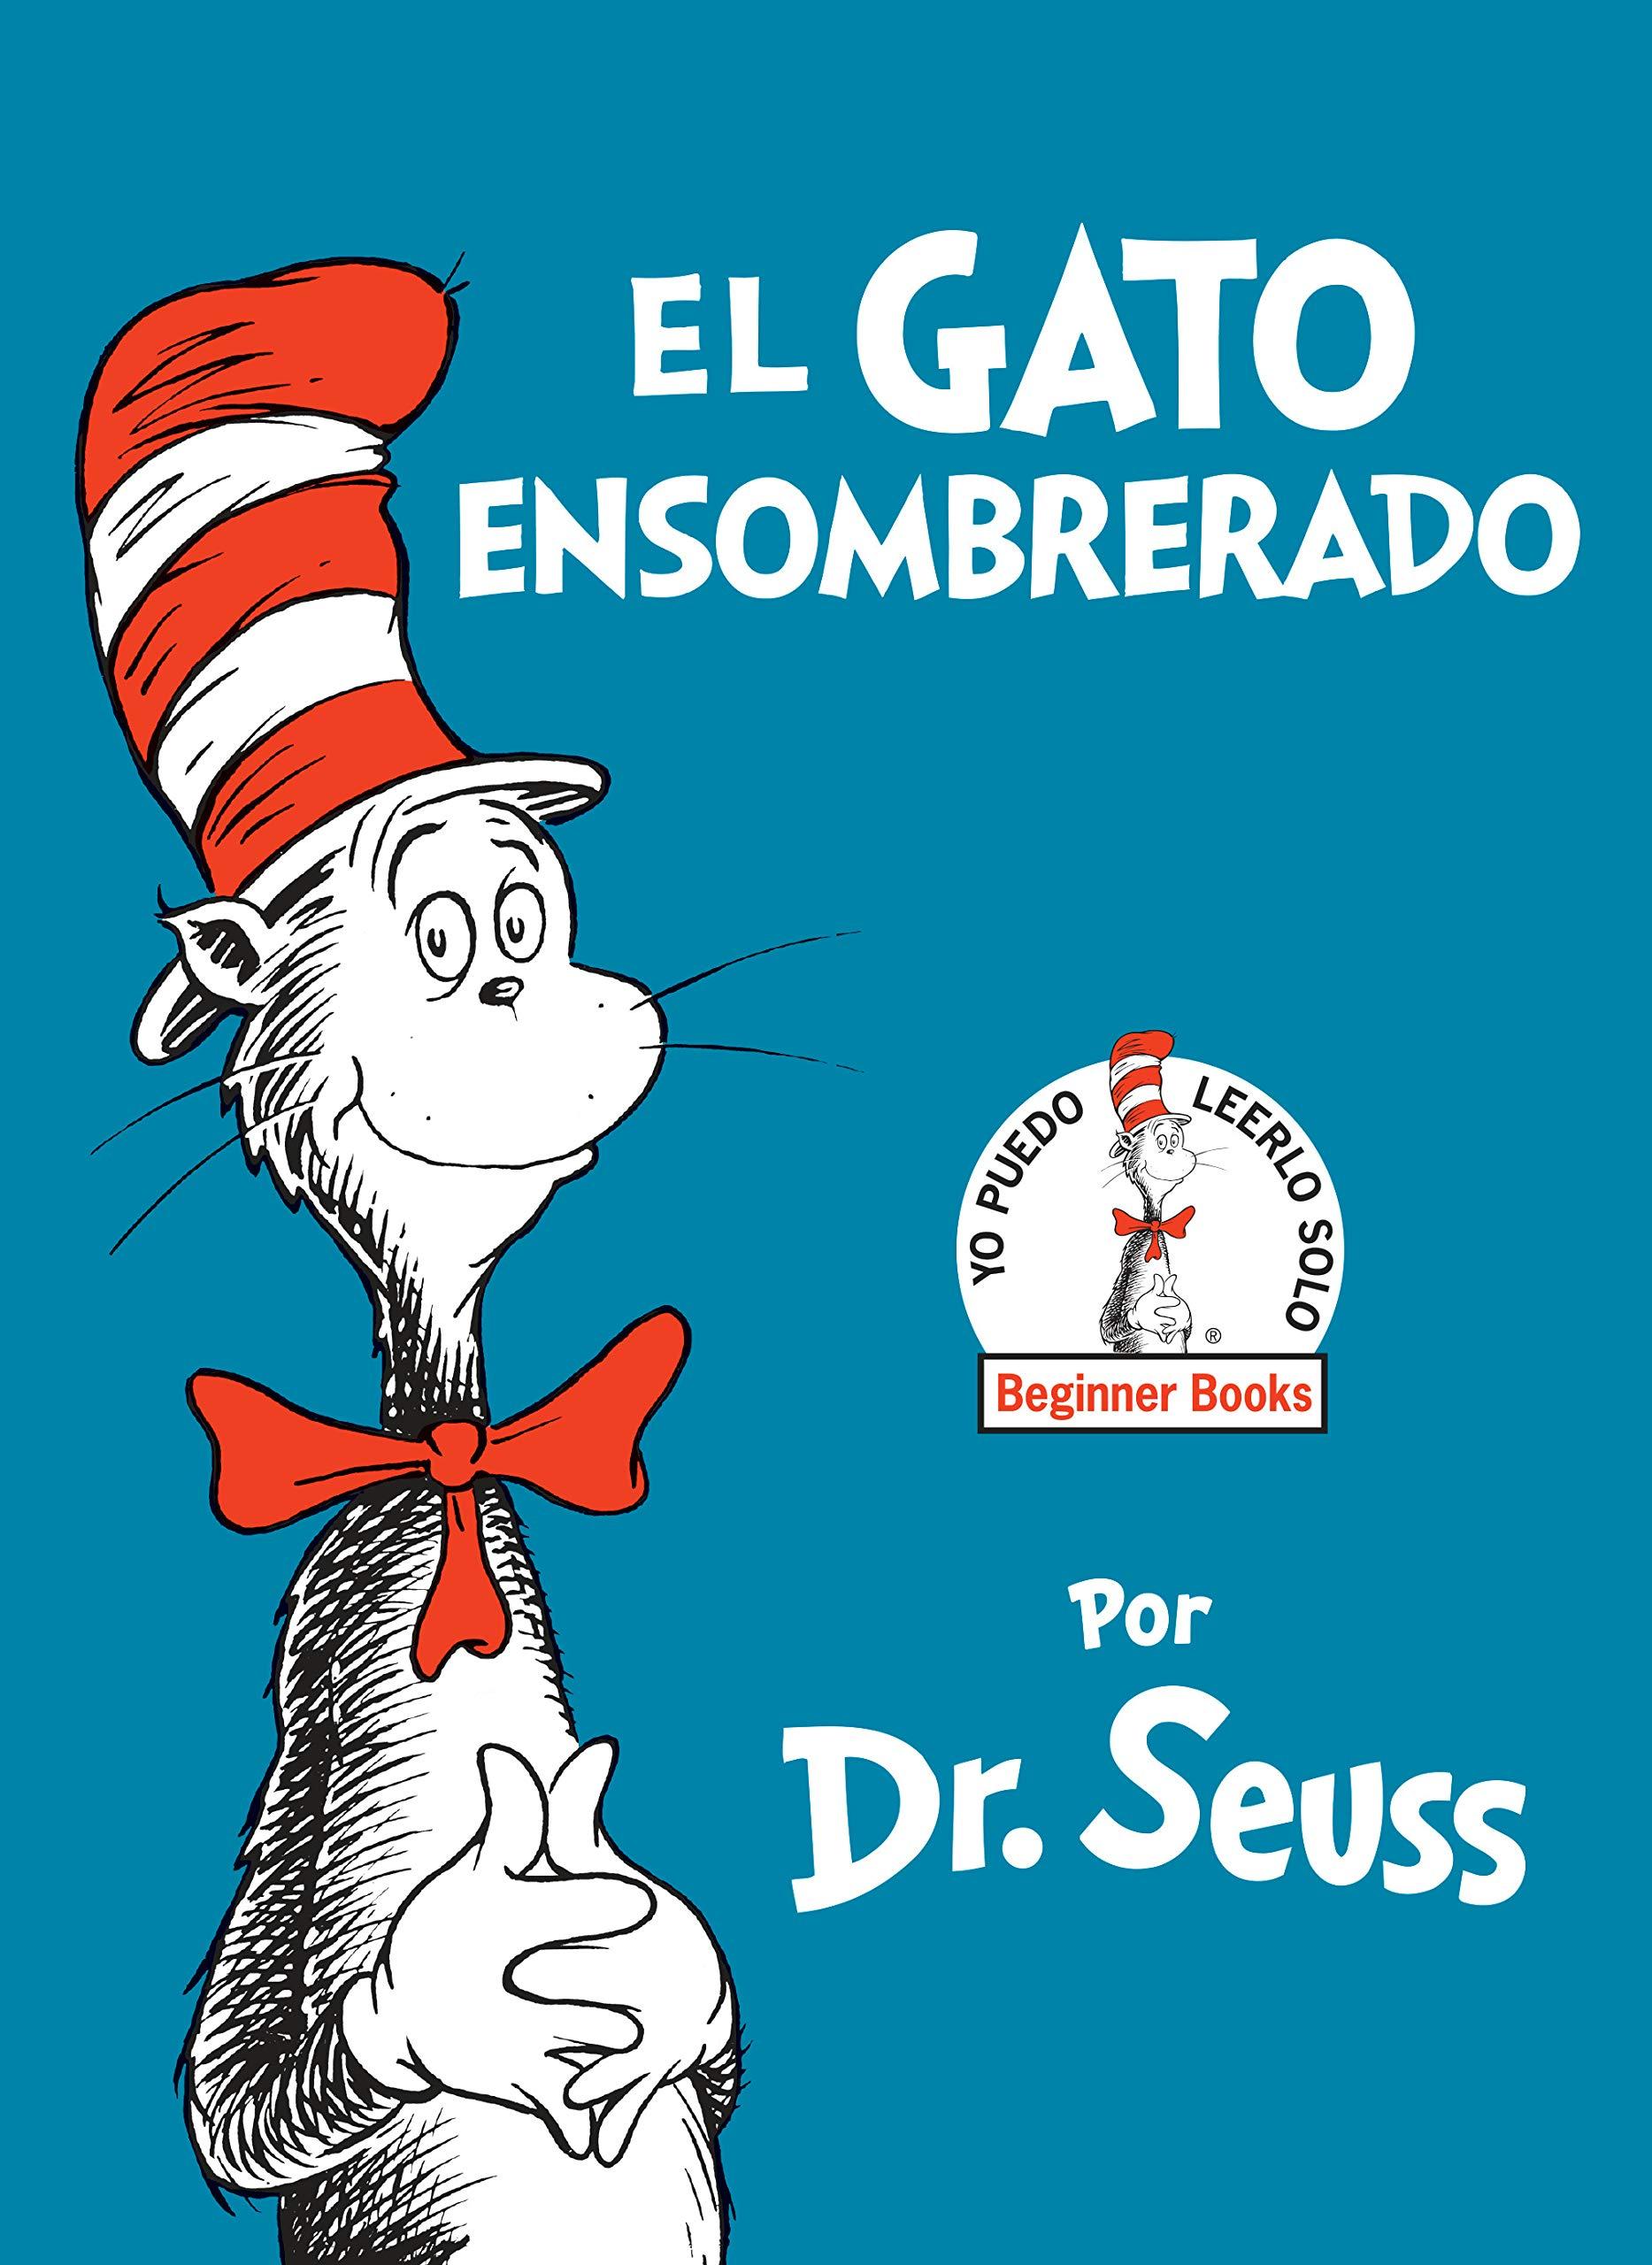 Portada de El gato ensombrerado, uno de los libros clásicos de Dr. Seuss